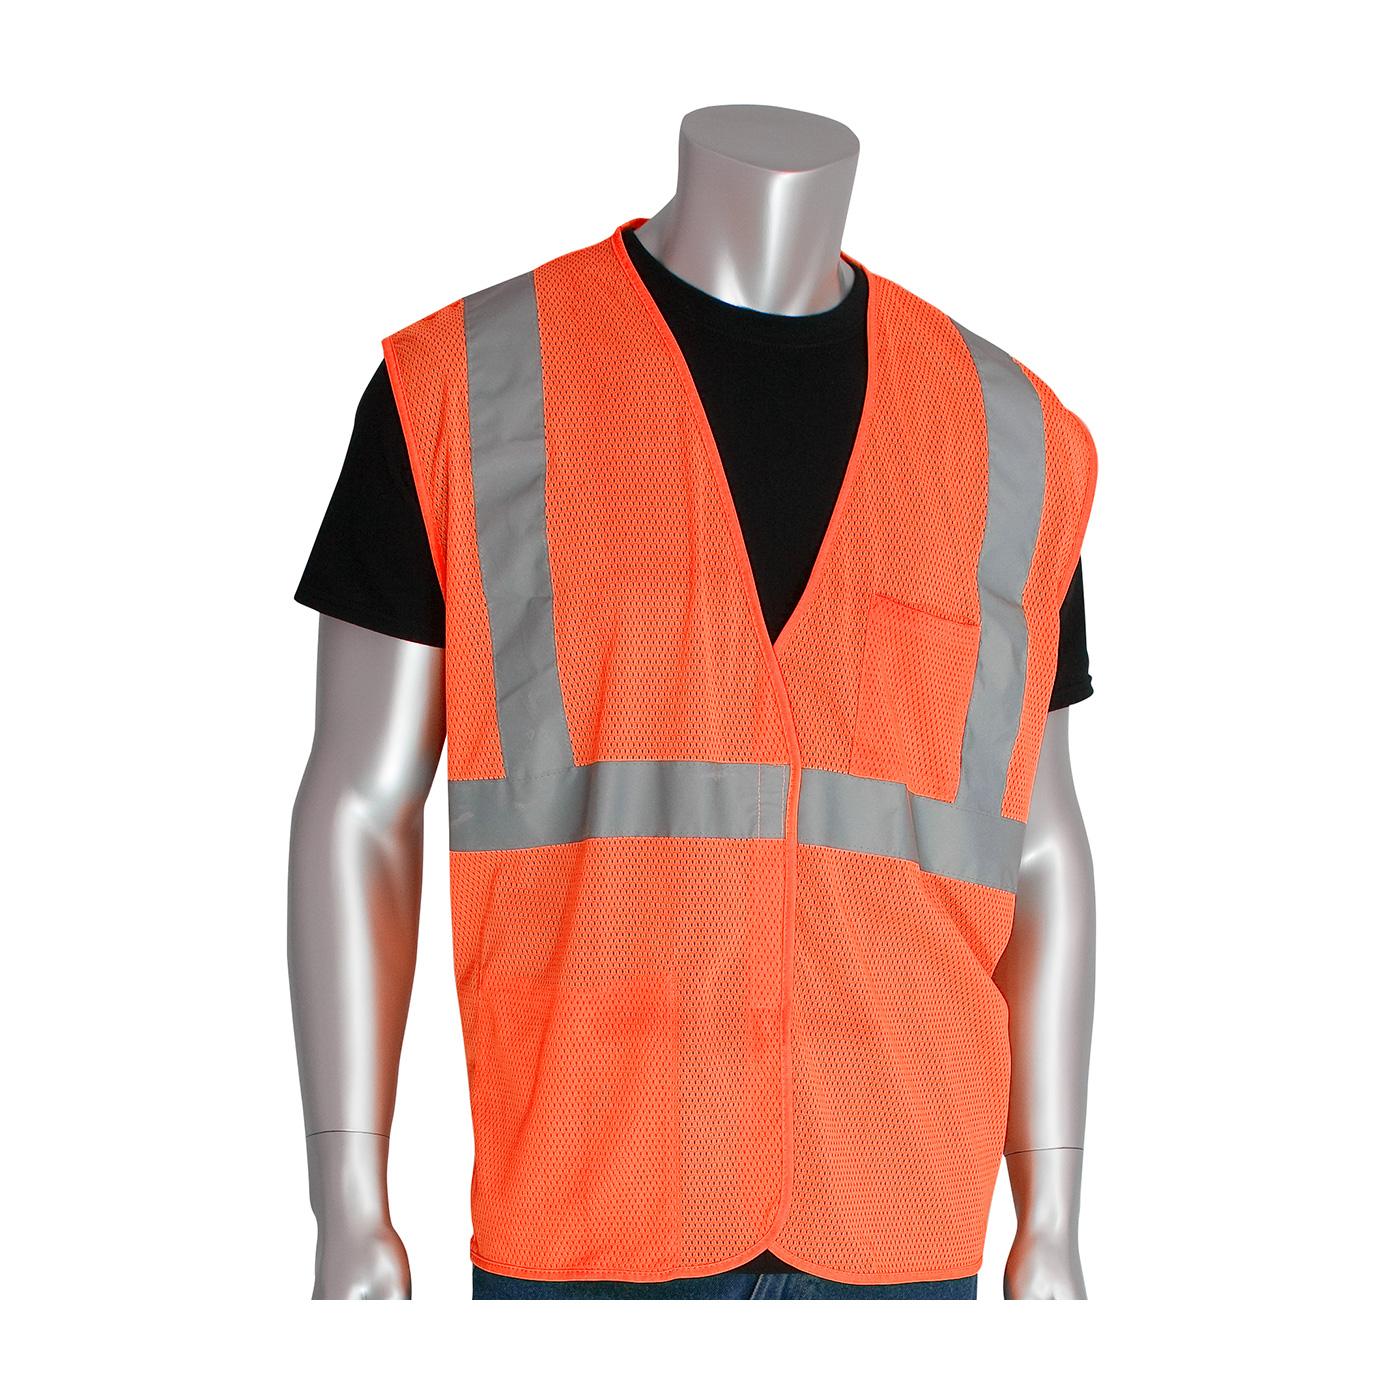 ANSI Type R Class 2 Two Pocket Value Mesh Vest, Hi-Vis Orange, M